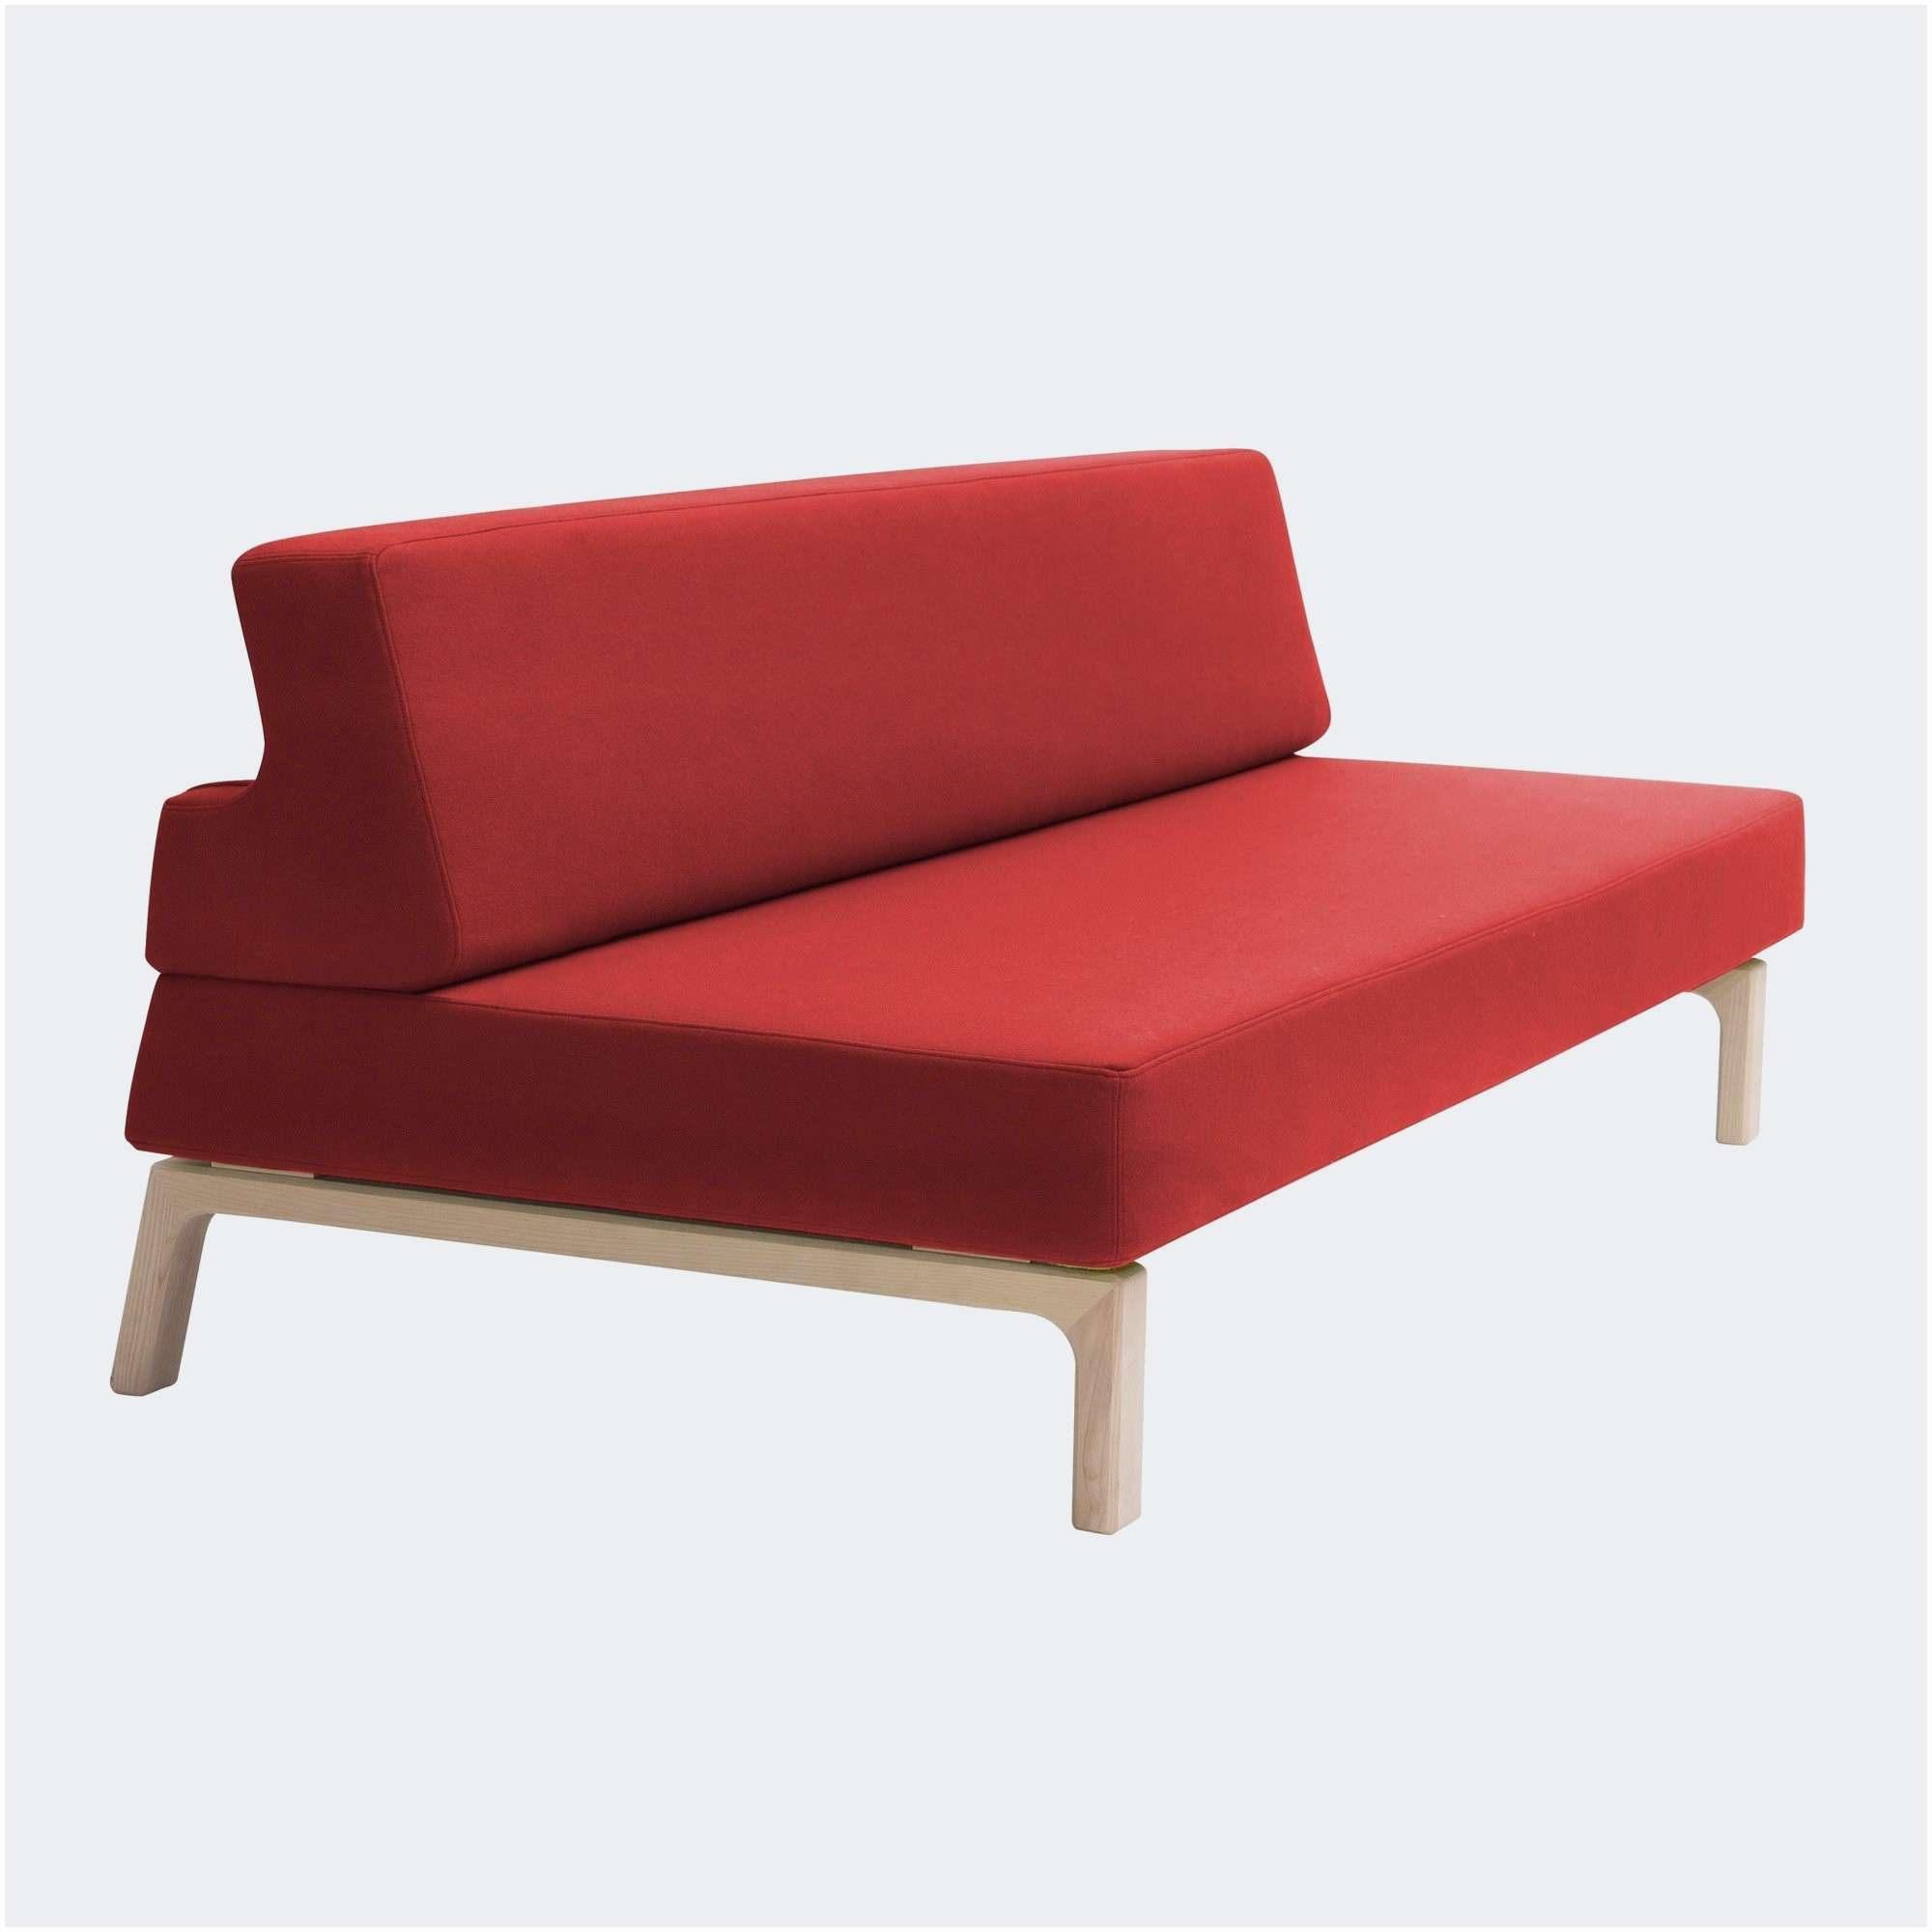 Lit Superposé Maison Du Monde Bel Nouveau Canapé 2 Angles Canap Lit Rouge 3 C3 A9 Design Tgm872 ton